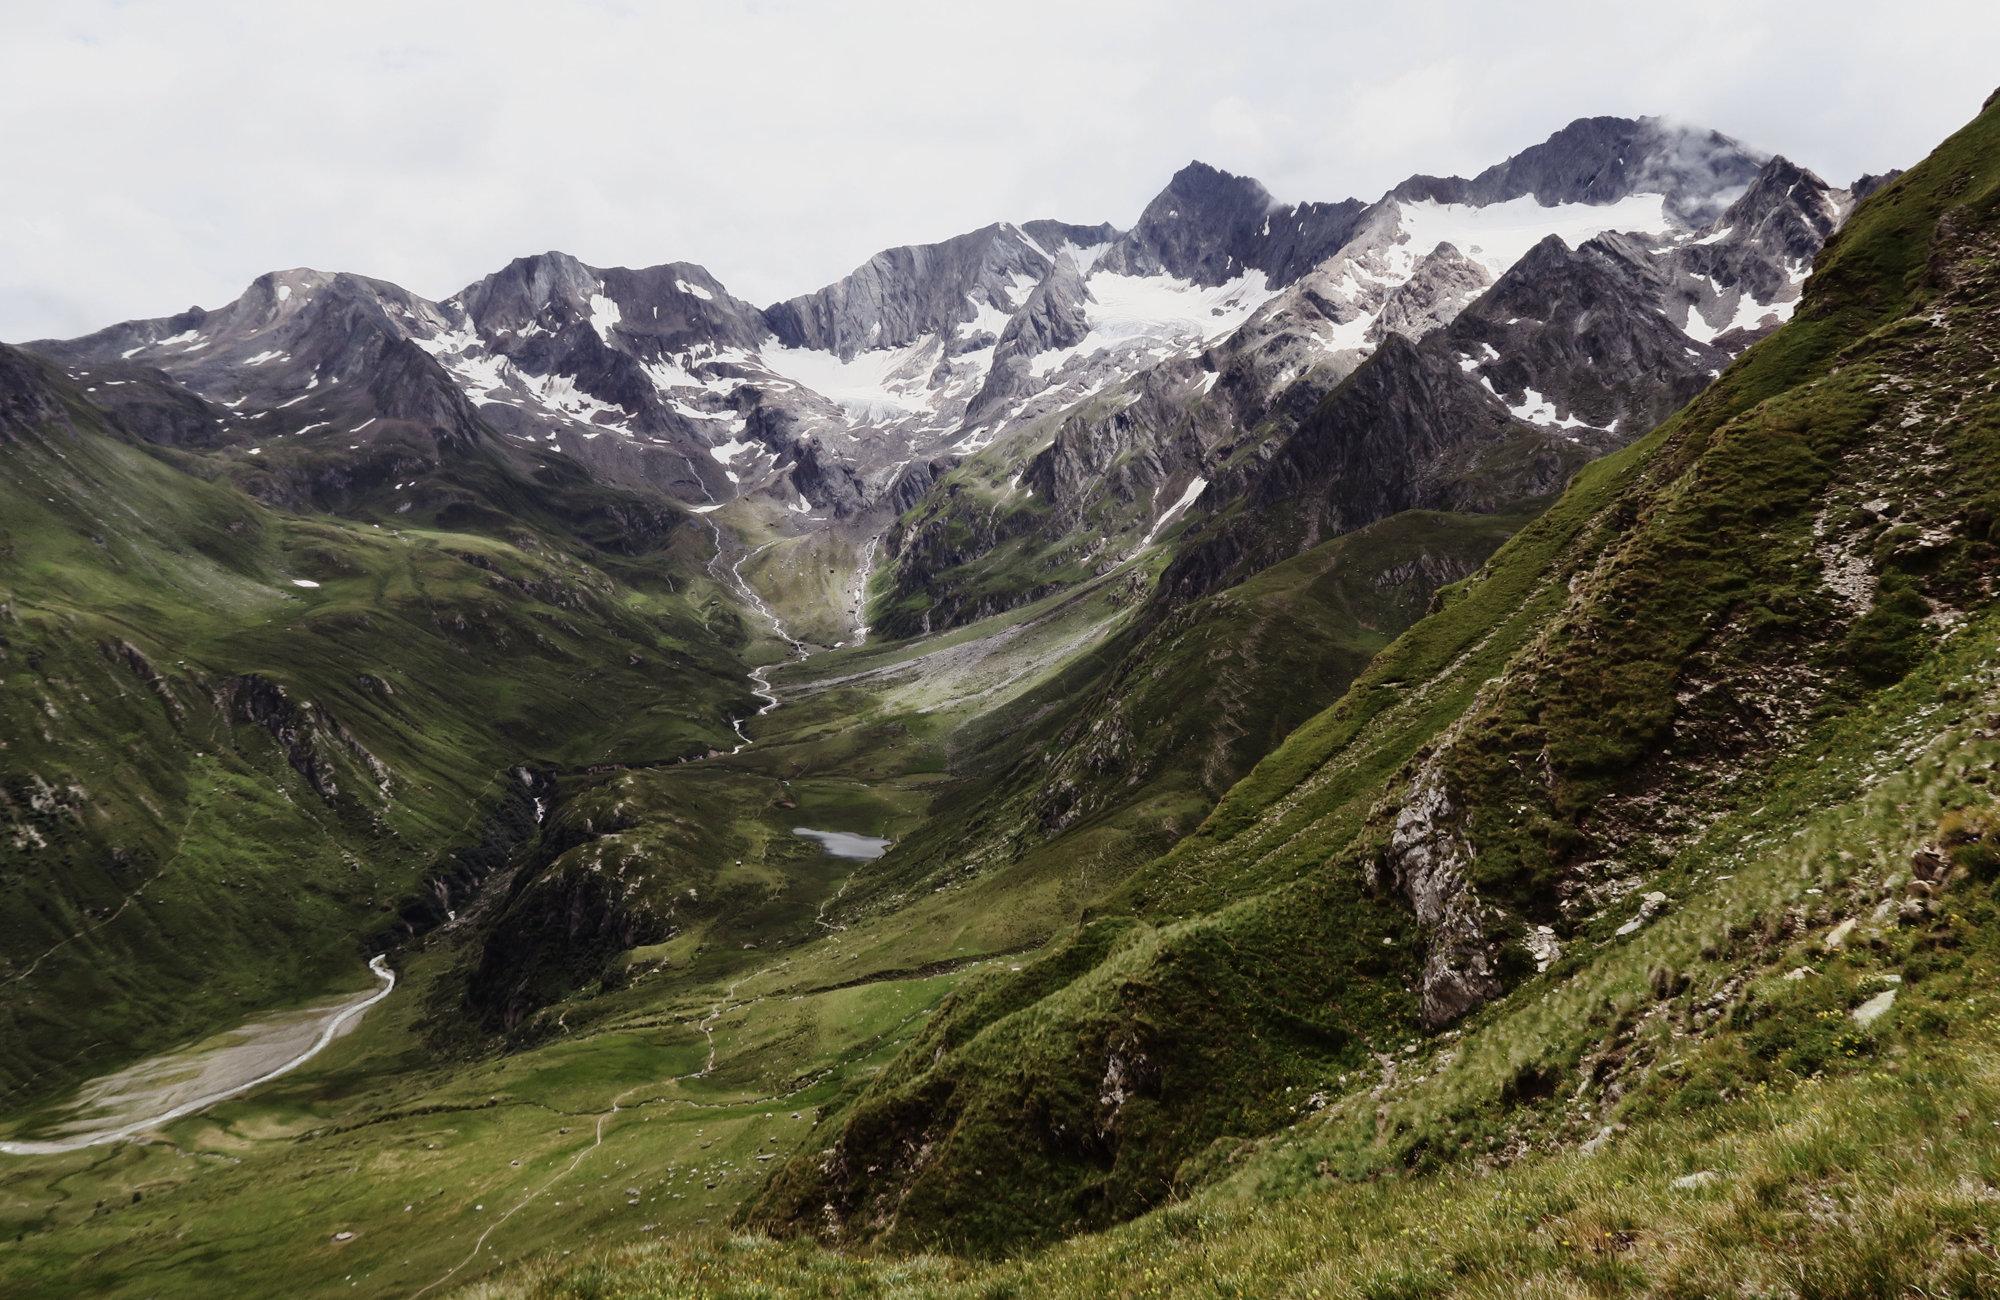 Bergpanorama, Wanderung Königsjoch, Obergurgl nach Südtirol, Bergwandern Ötztal, Wandertour Ötztal, Stubaier Alpen, Tirol